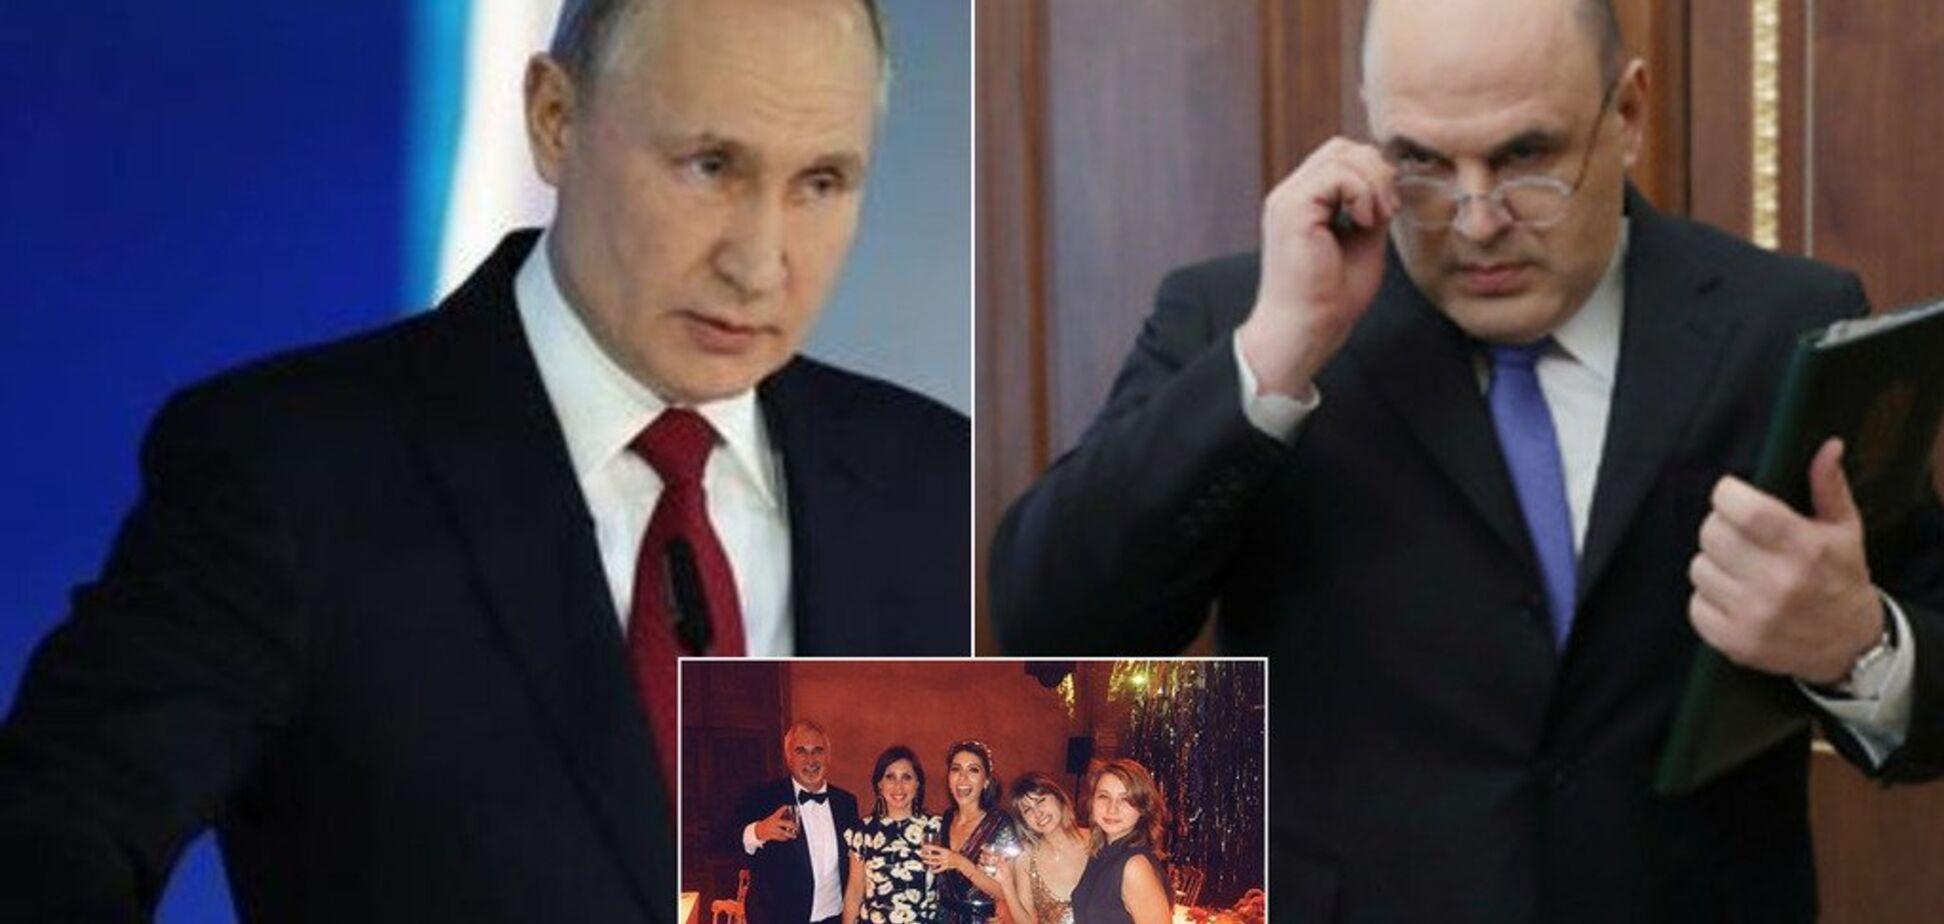 Вечеринки с Меладзе и дети в элитной школе ЕС: расследование OBOZREVATEL о новом премьере РФ